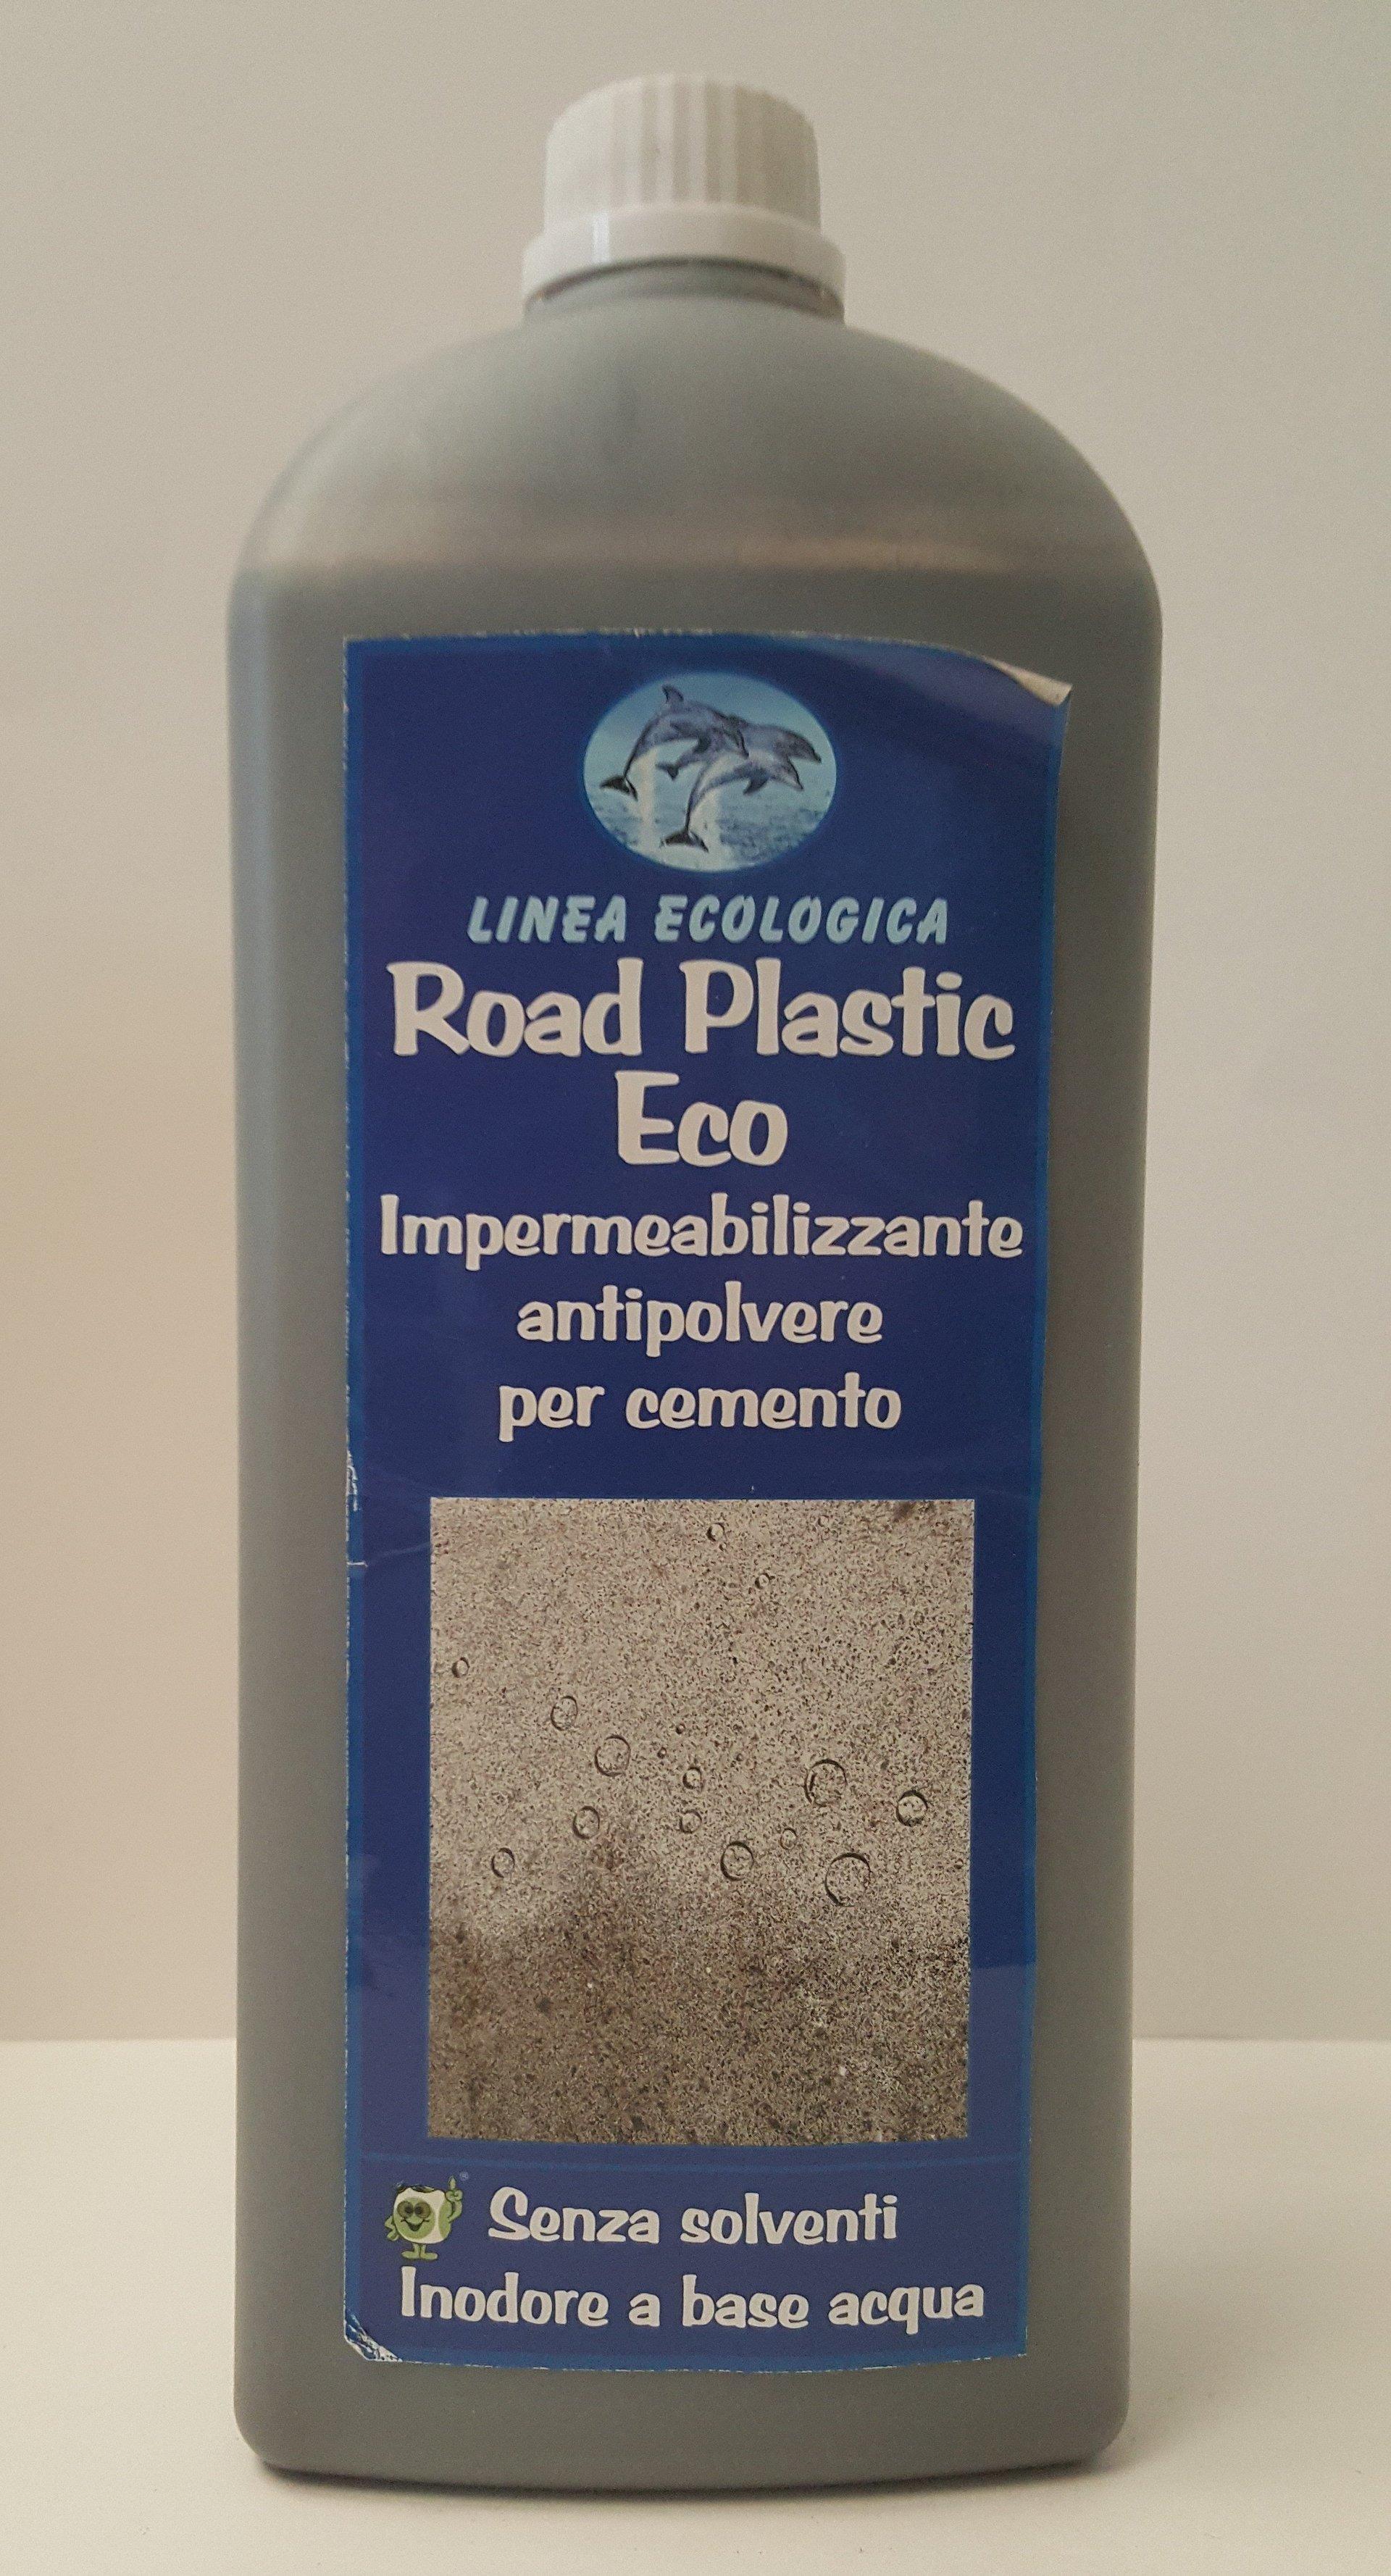 ROAD PLASTIC ECO IMPERMEABILIZZANTE ANTIPOLVERE PER CEMENTO